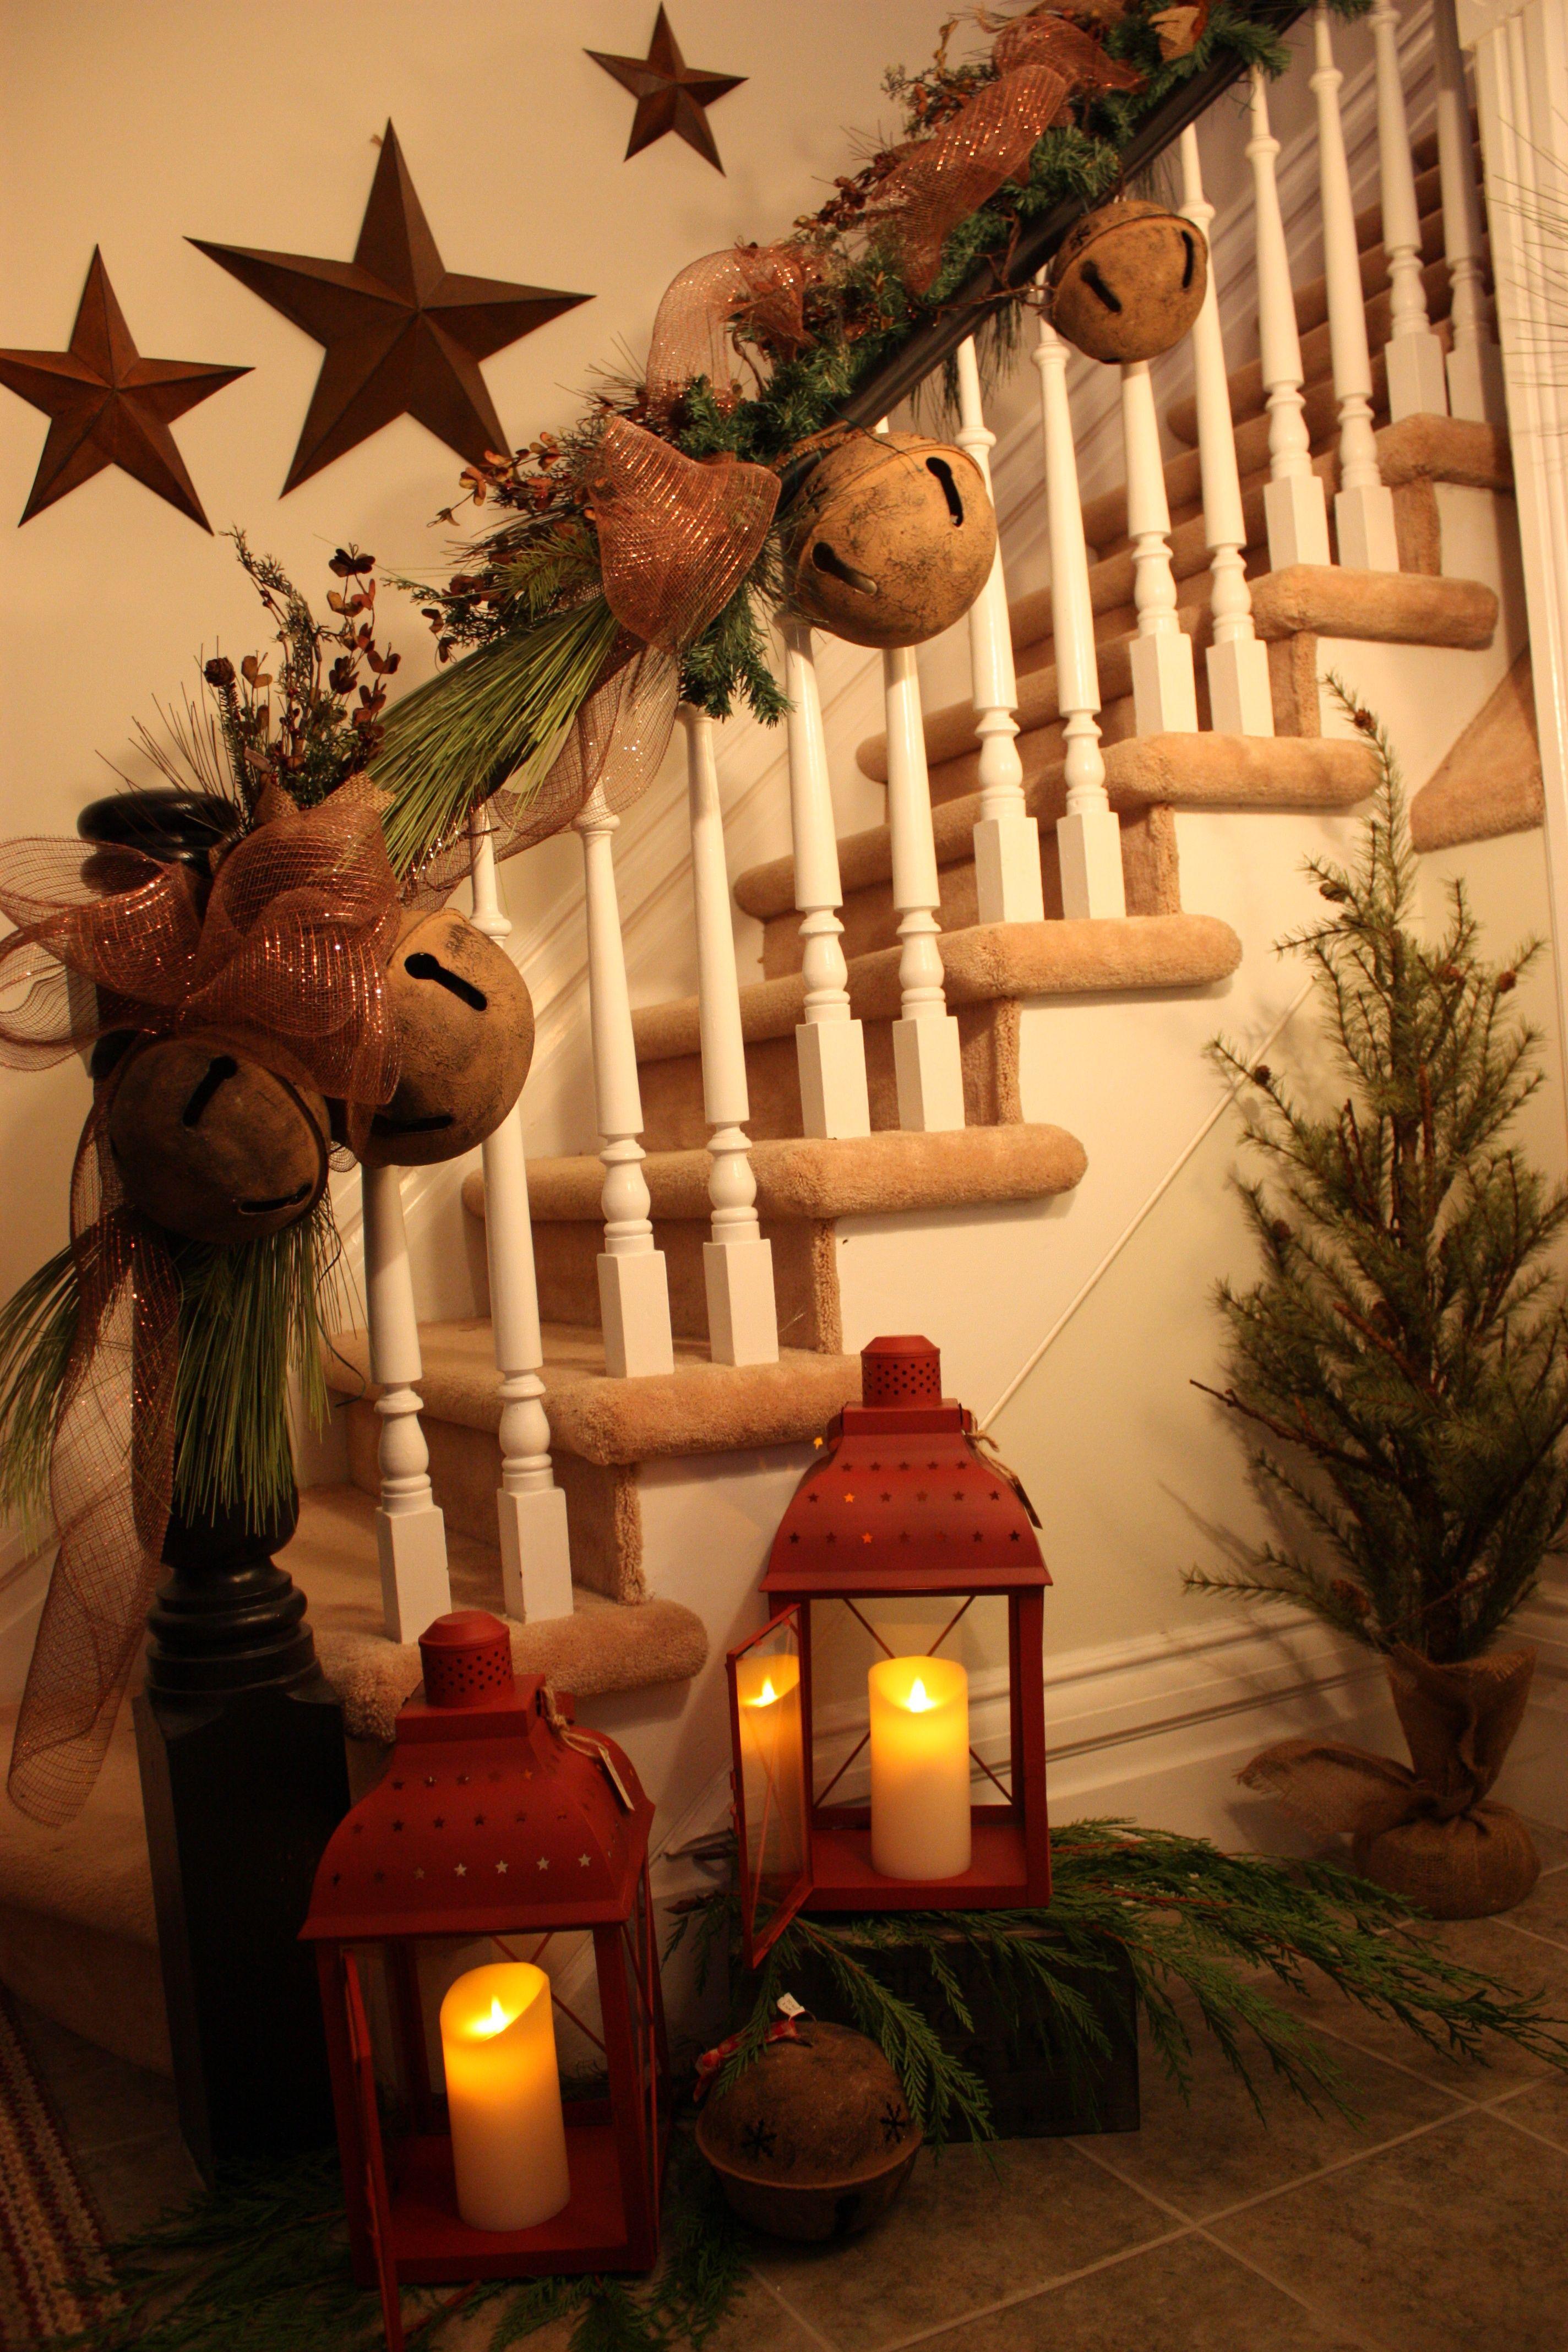 Primitive christmas decor pinterest - Christmas Entrance Unique Christmas Decorationschristmas Lanternsholiday Decorprimitive